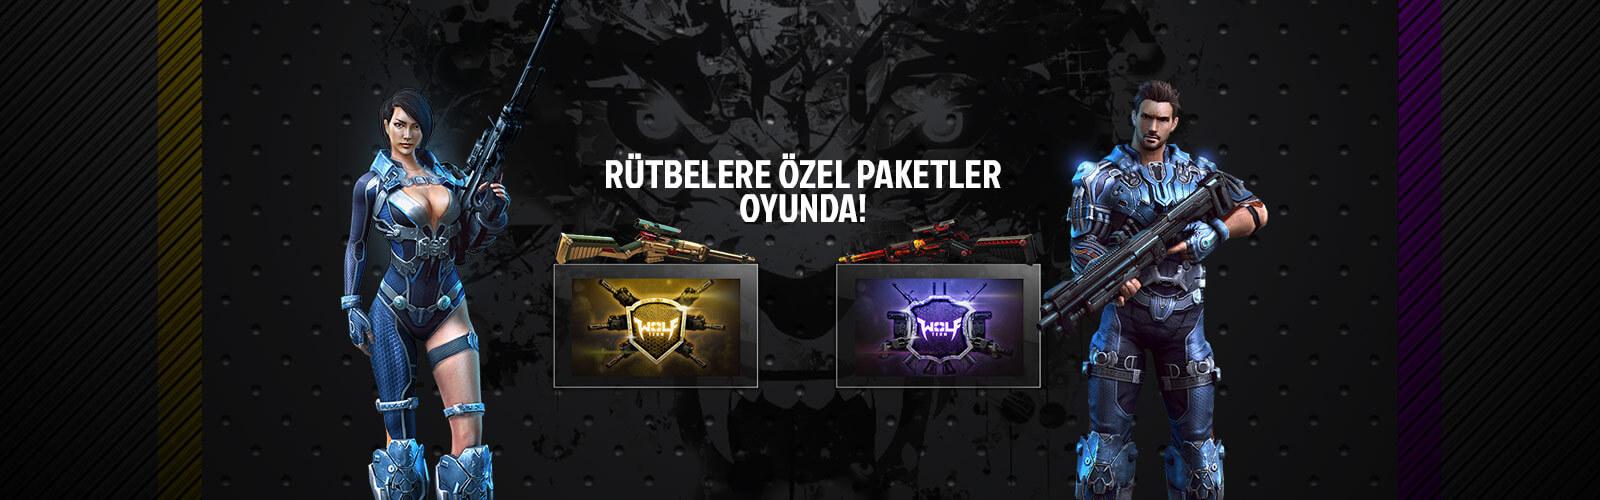 2 Yeni Paket Oyunda!